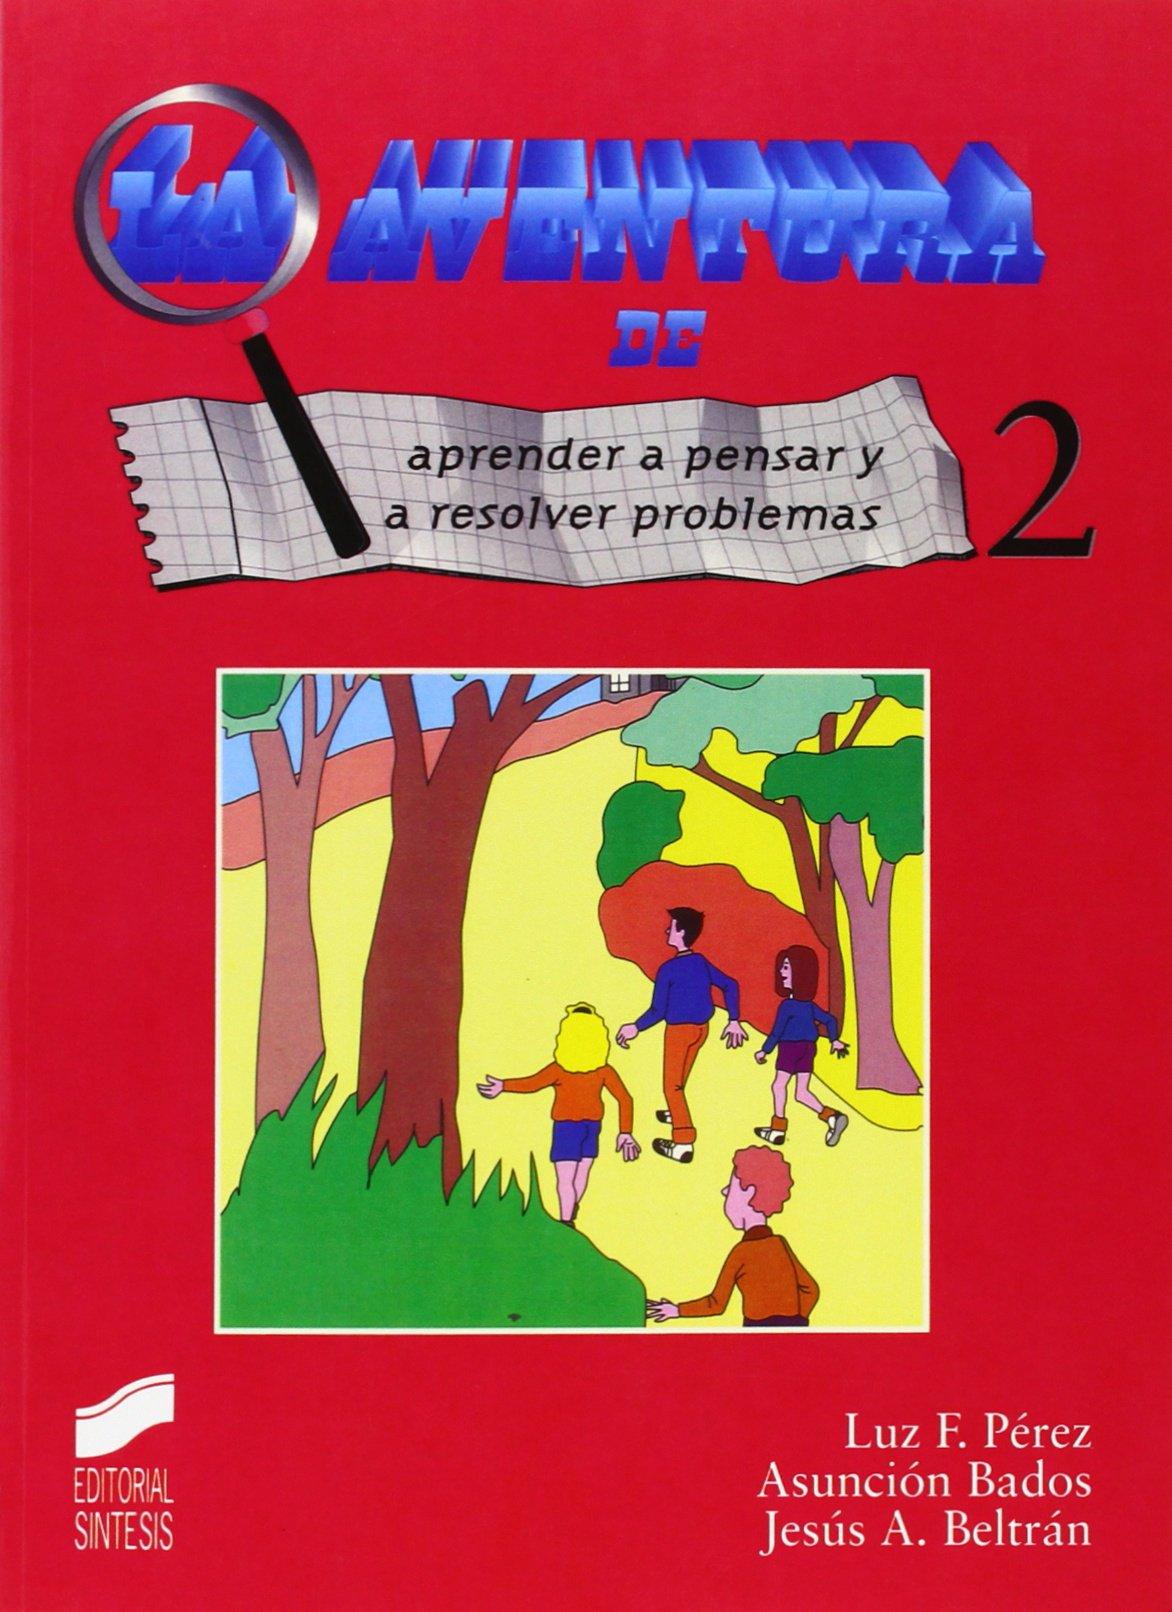 Aventura de Aprender a Pensar y Resolver 2 (Spanish Edition) pdf